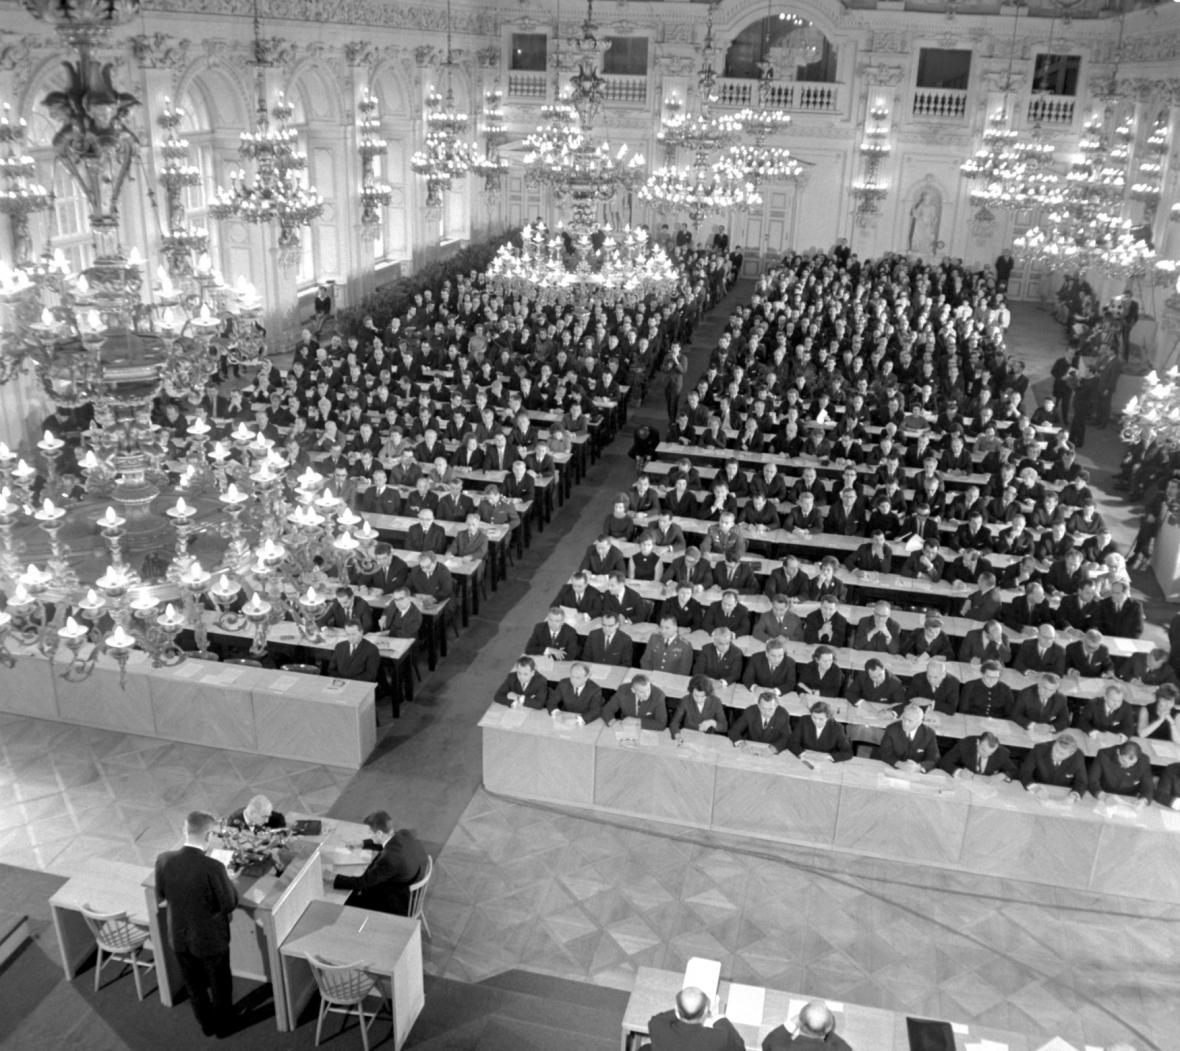 Národní shromáždění přijímá zákon o československé federalizaci, 27. října 1968